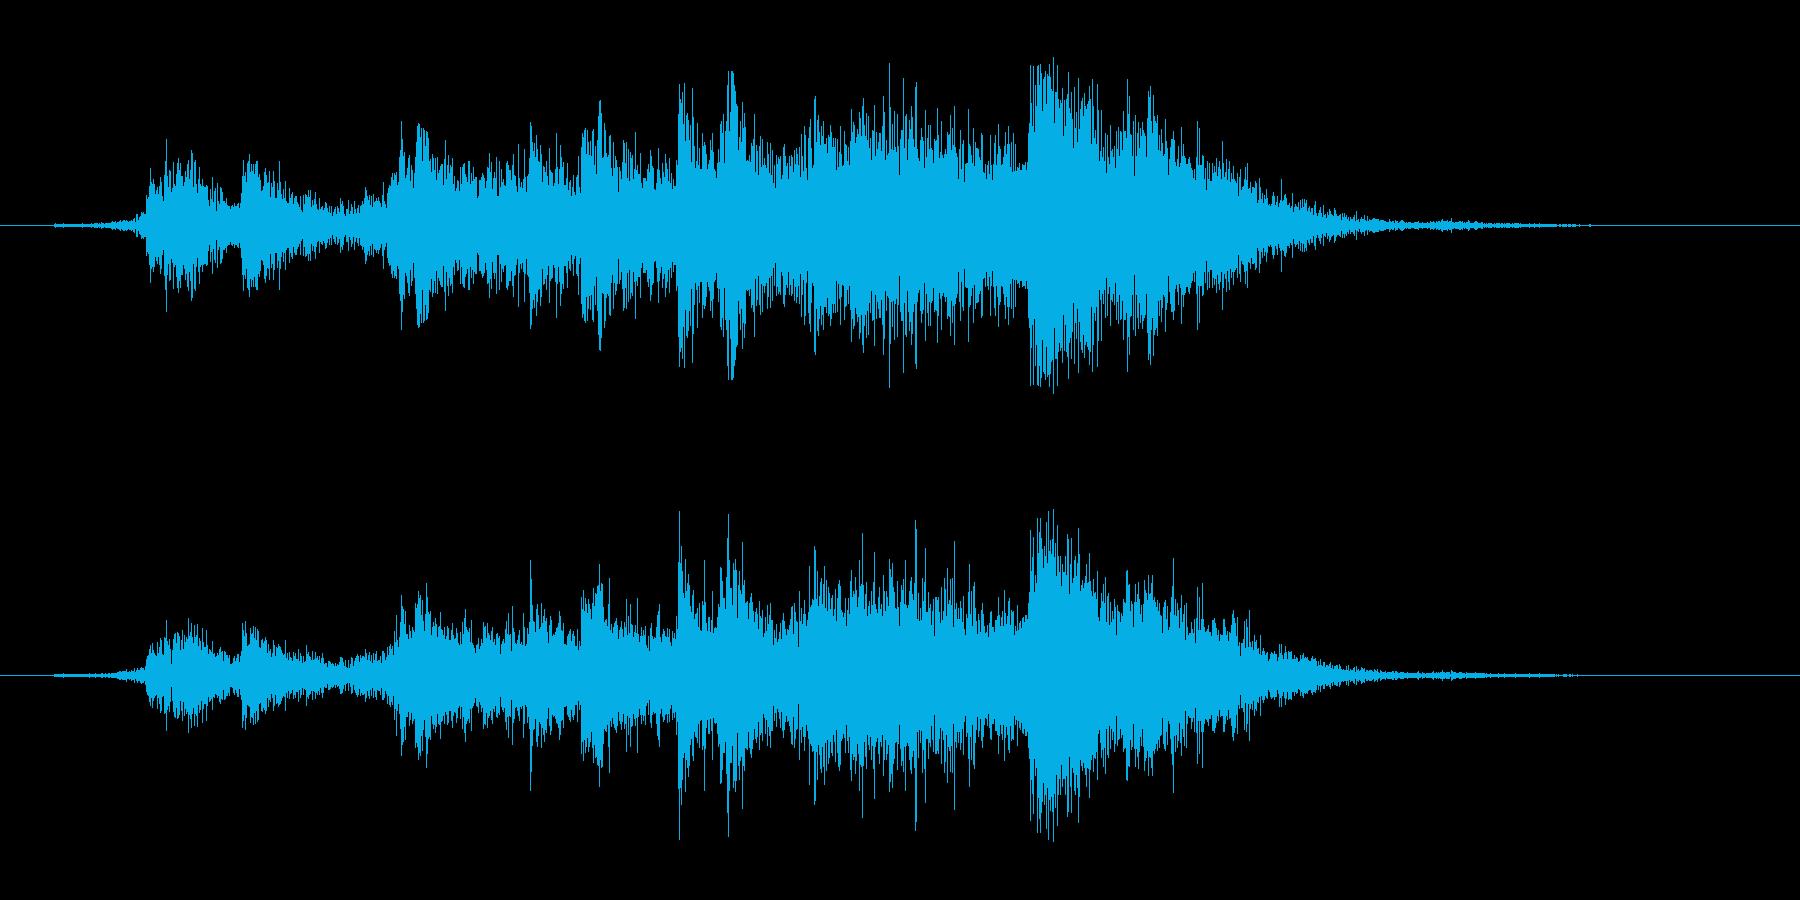 【生録音】ガラーガシャン(ショート)の再生済みの波形